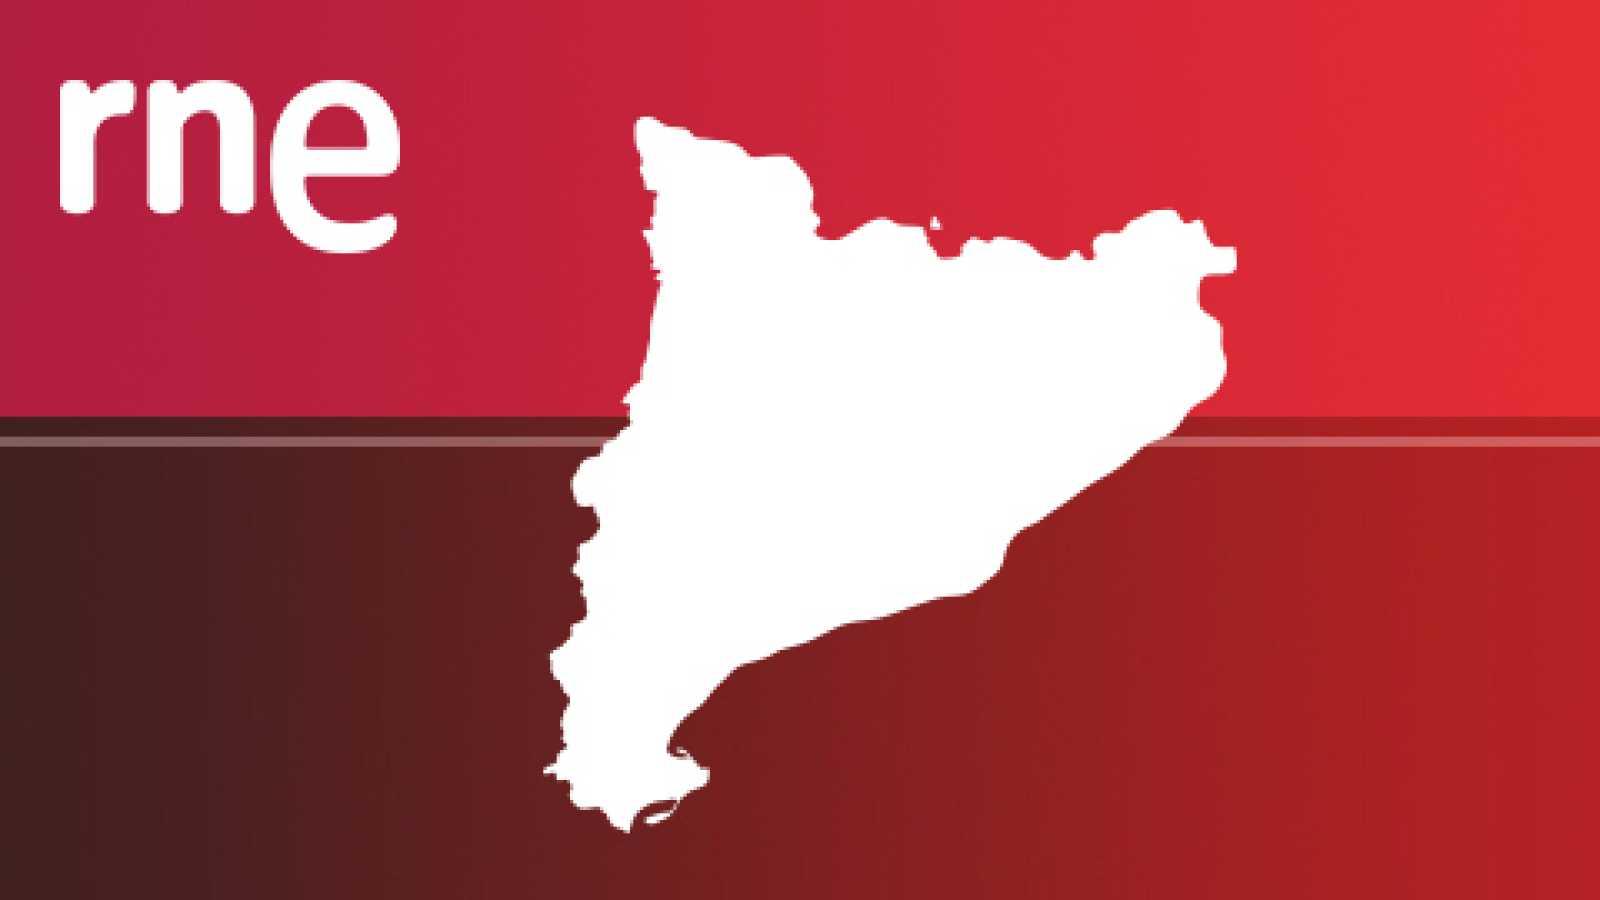 Edició Migdia - Aragonès s'obre a reformar el delicte de sedició